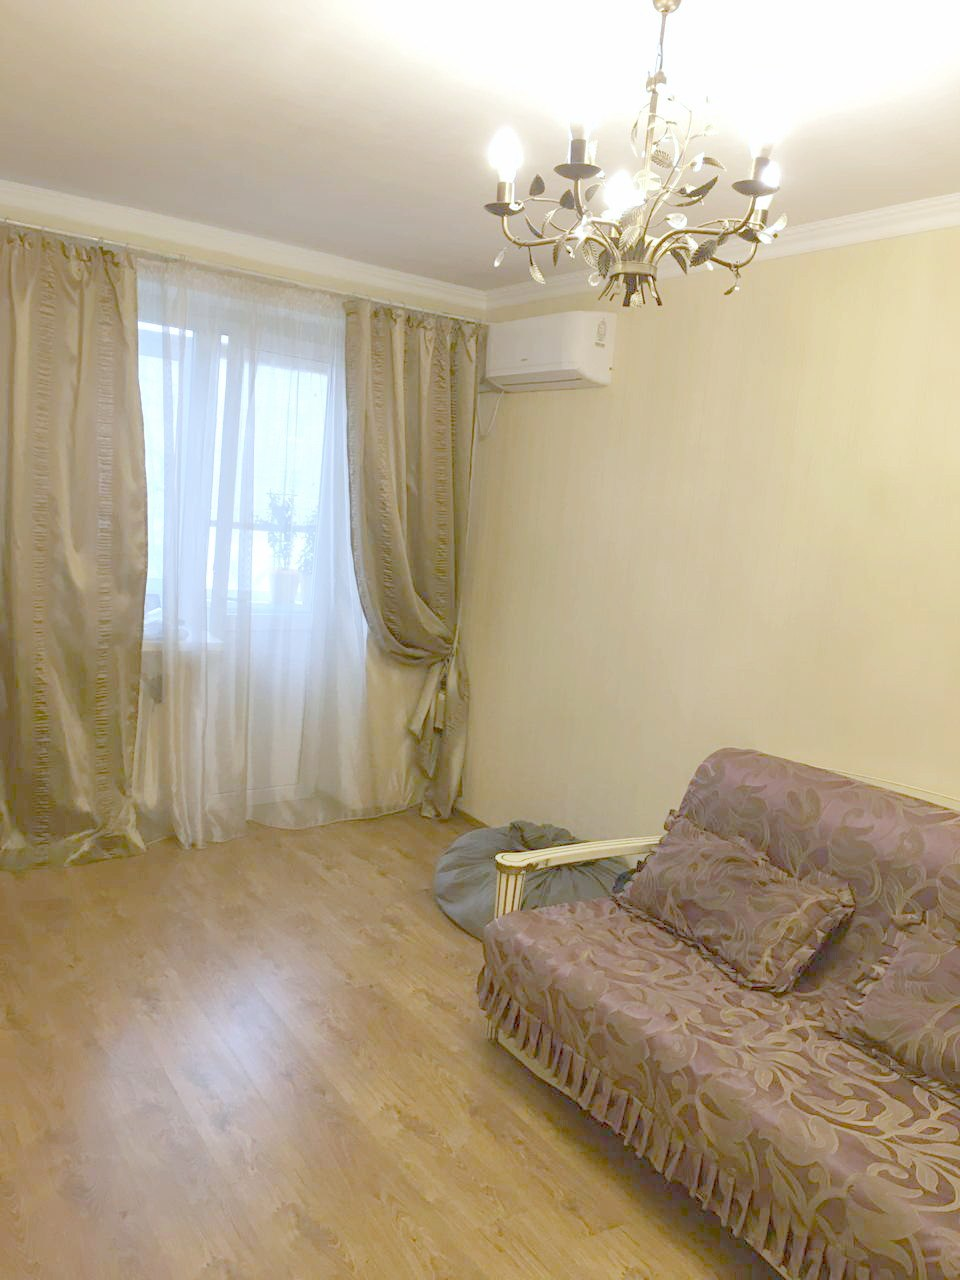 Продается двухкомнатная квартира за 3 200 000 рублей. обл Ростовская, г Ростов-на-Дону, ул Текучева, дом 112.